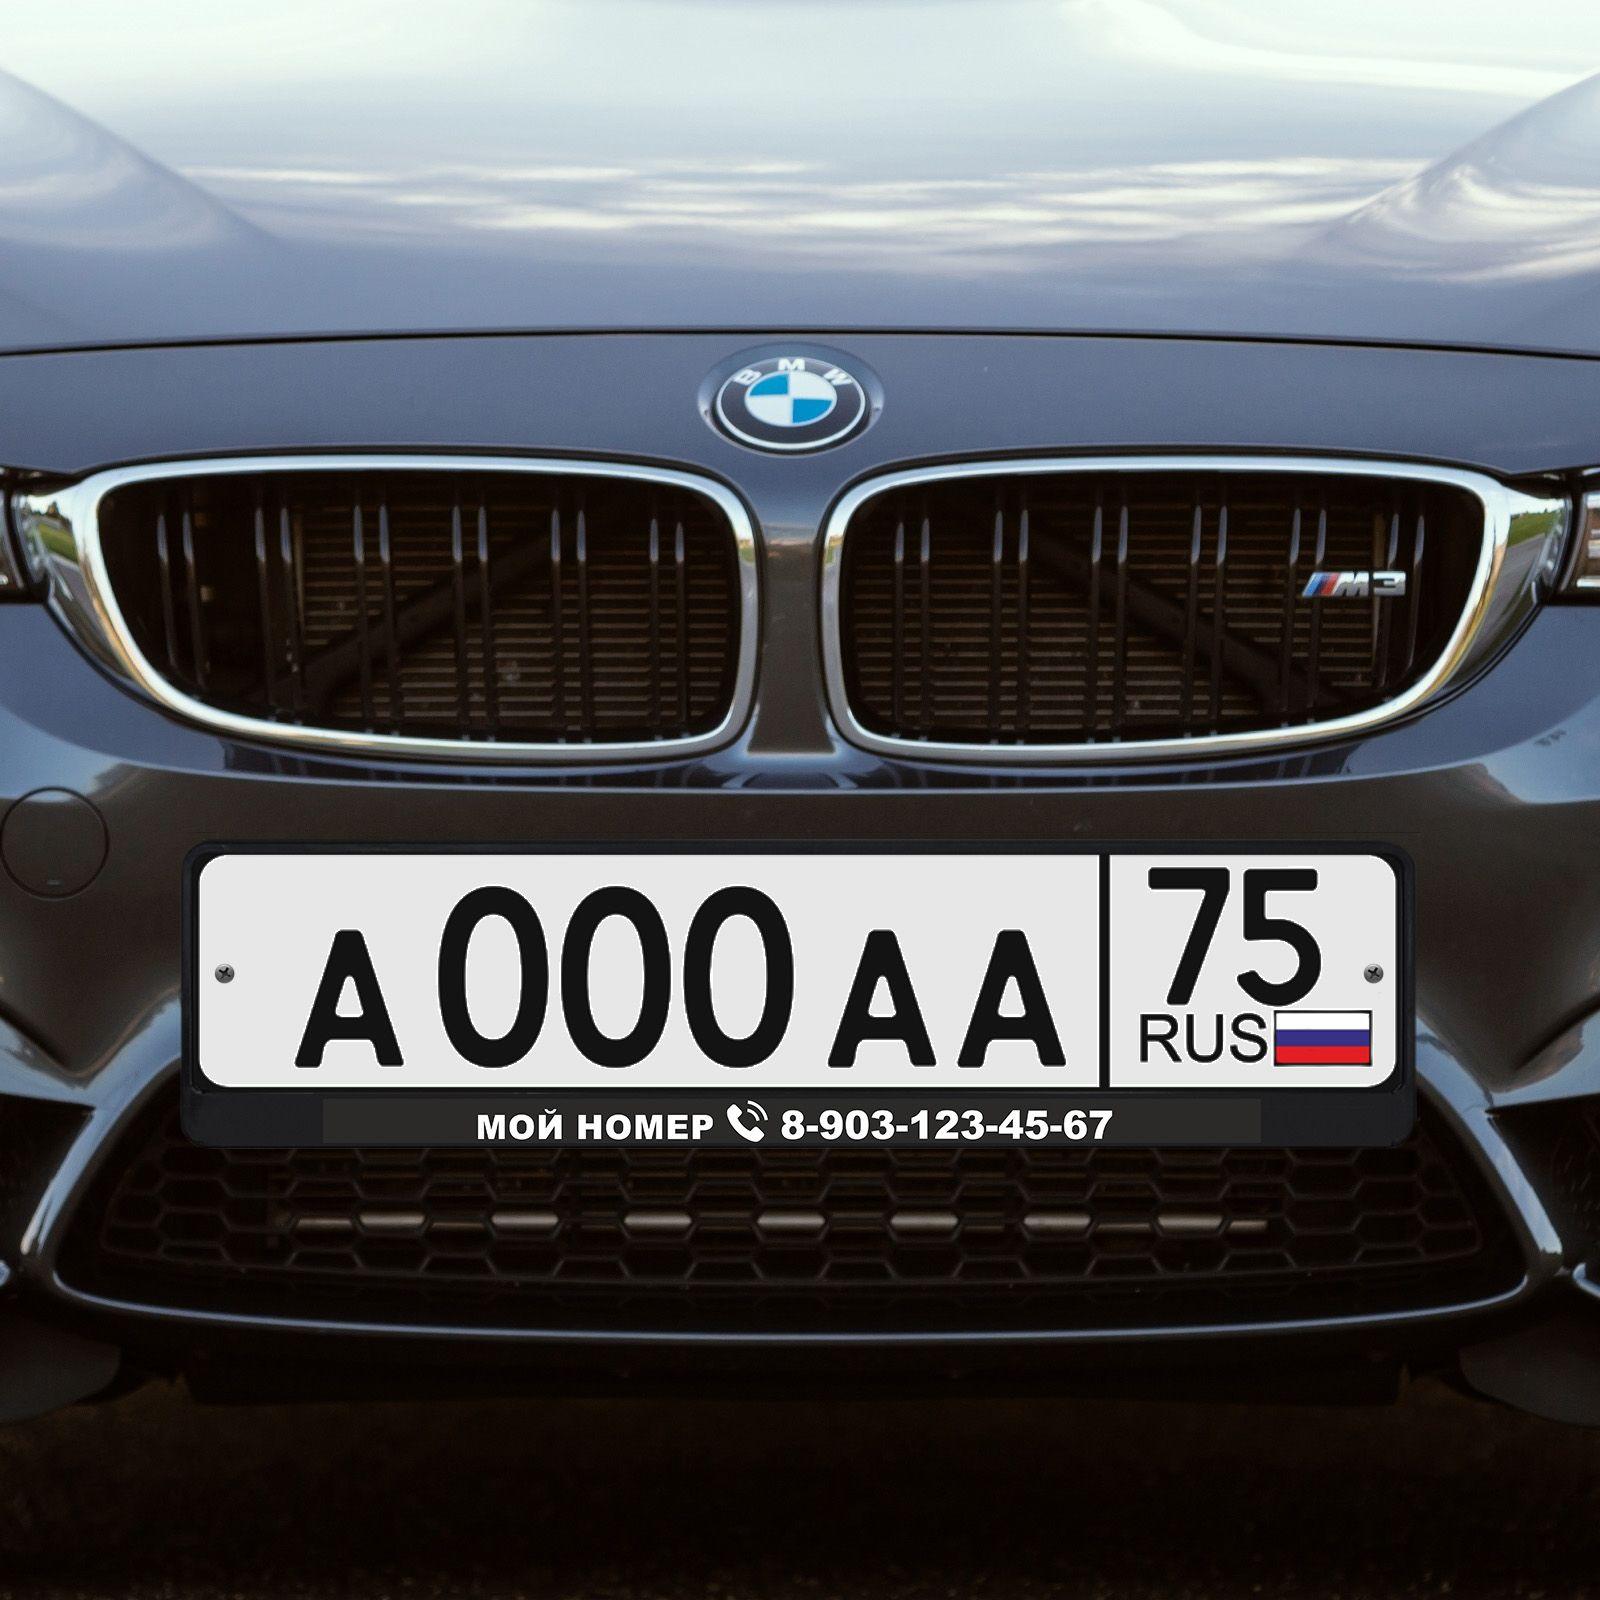 Автомобильная рамка «Мой номер»